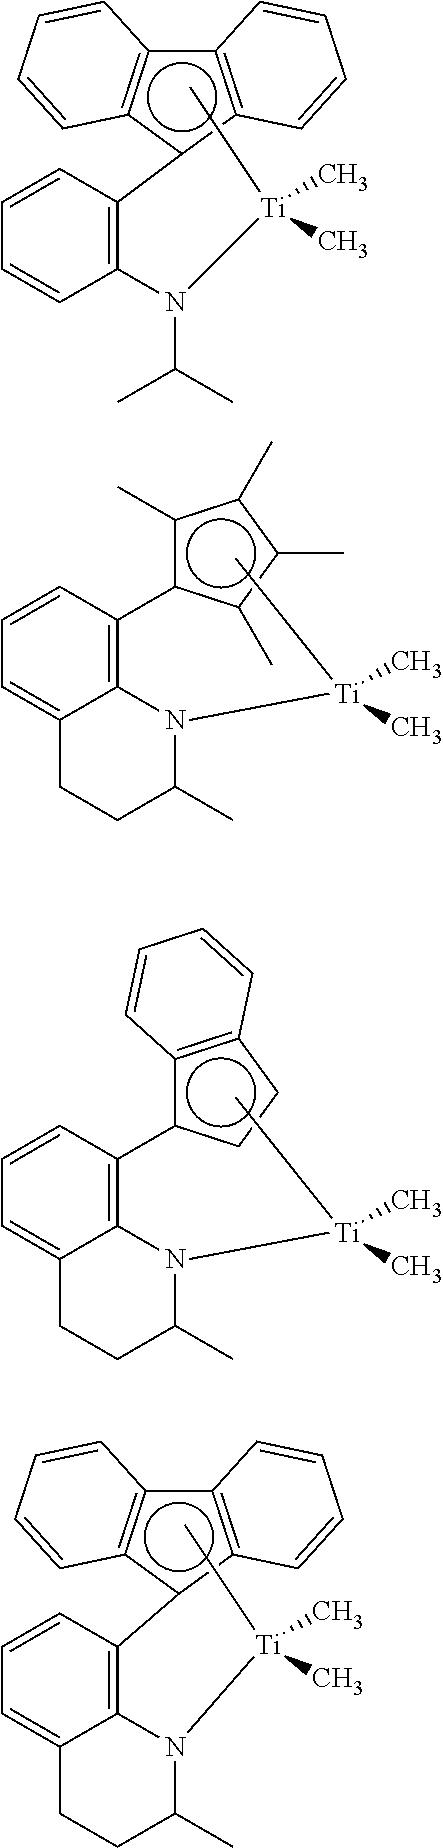 Figure US09120836-20150901-C00026